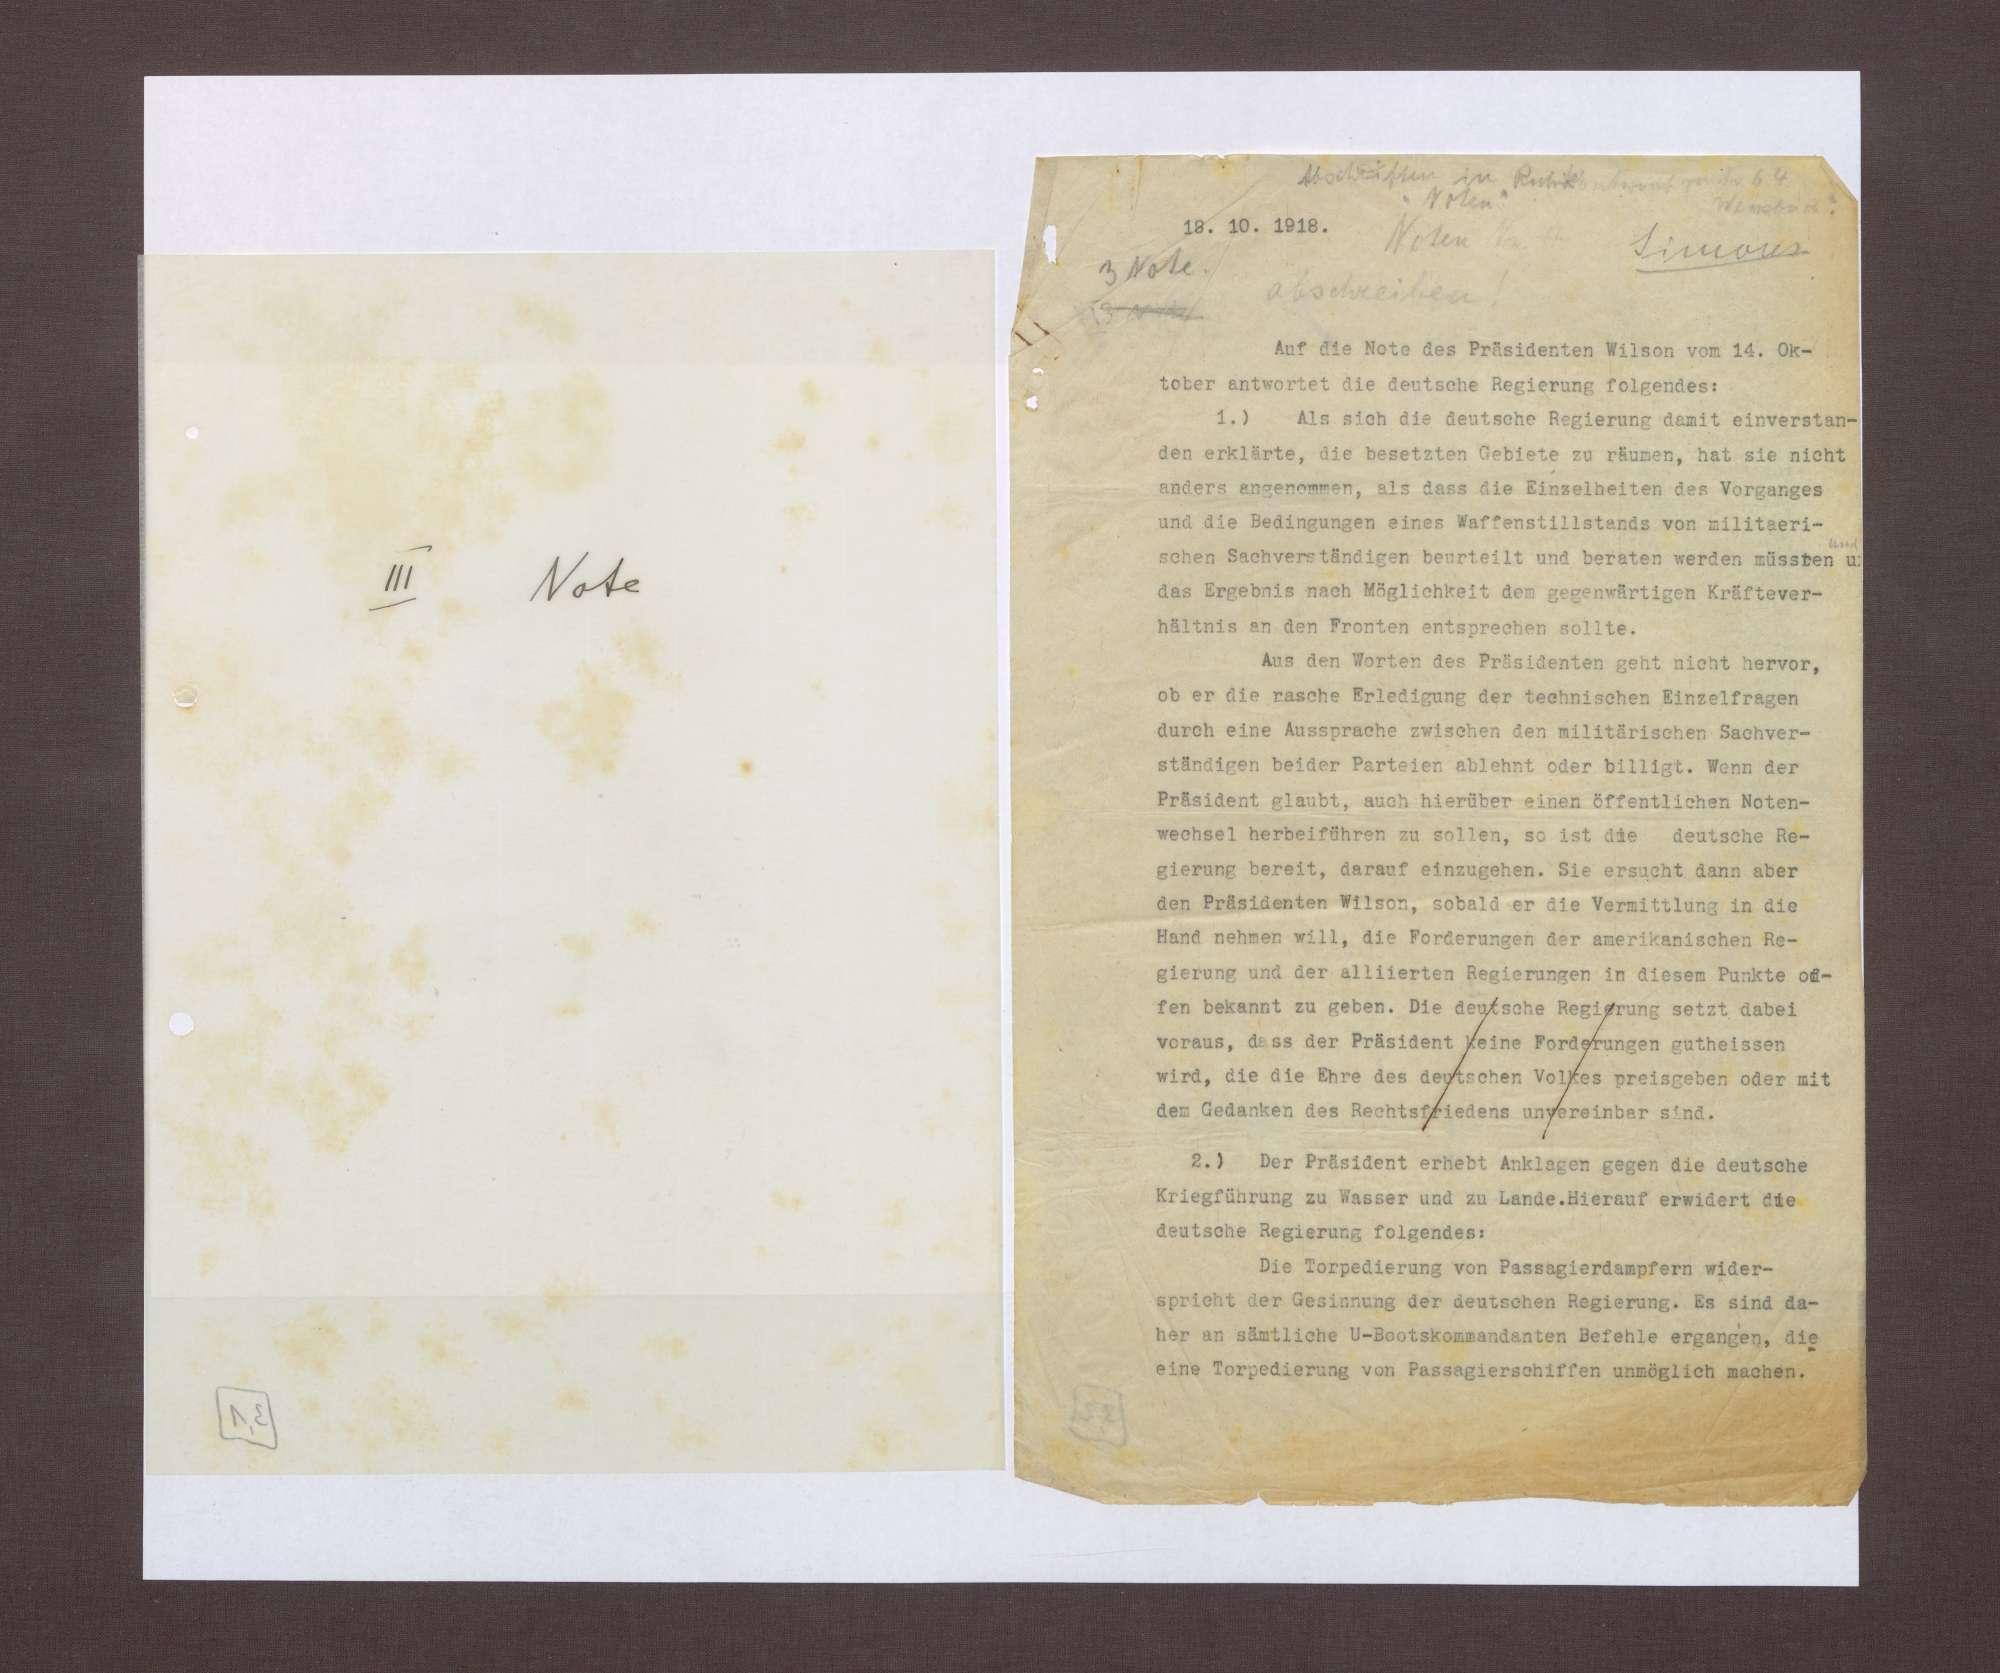 3. Note, 18.10.1918, Bild 1